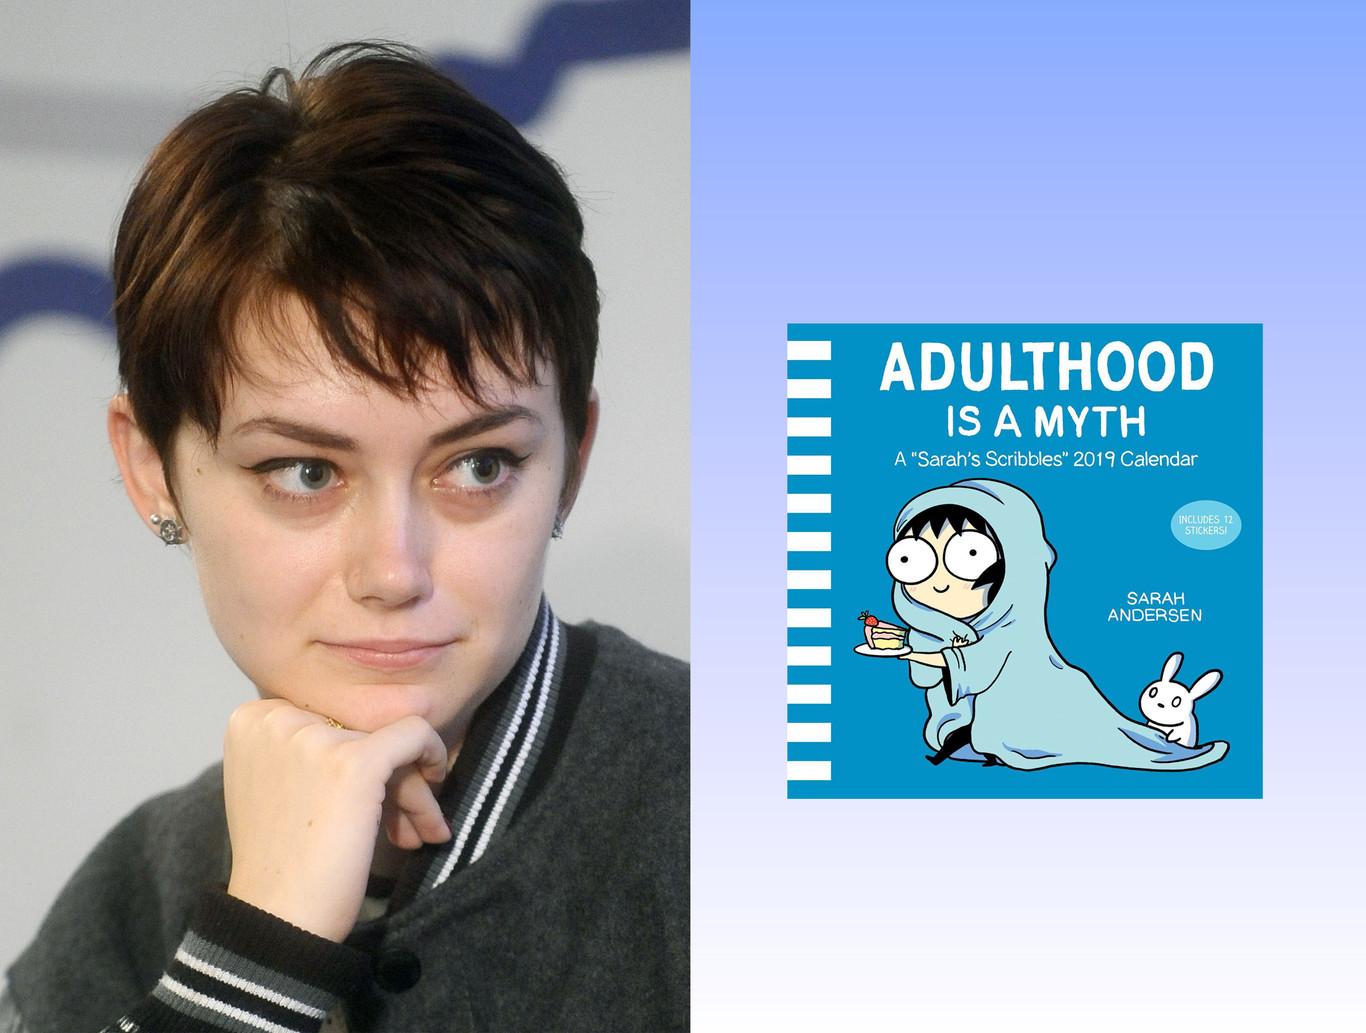 Colgaba dibujos en Tumblr y ahora es una de las viñetistas más exitosas: la historia de Sarah Andersen